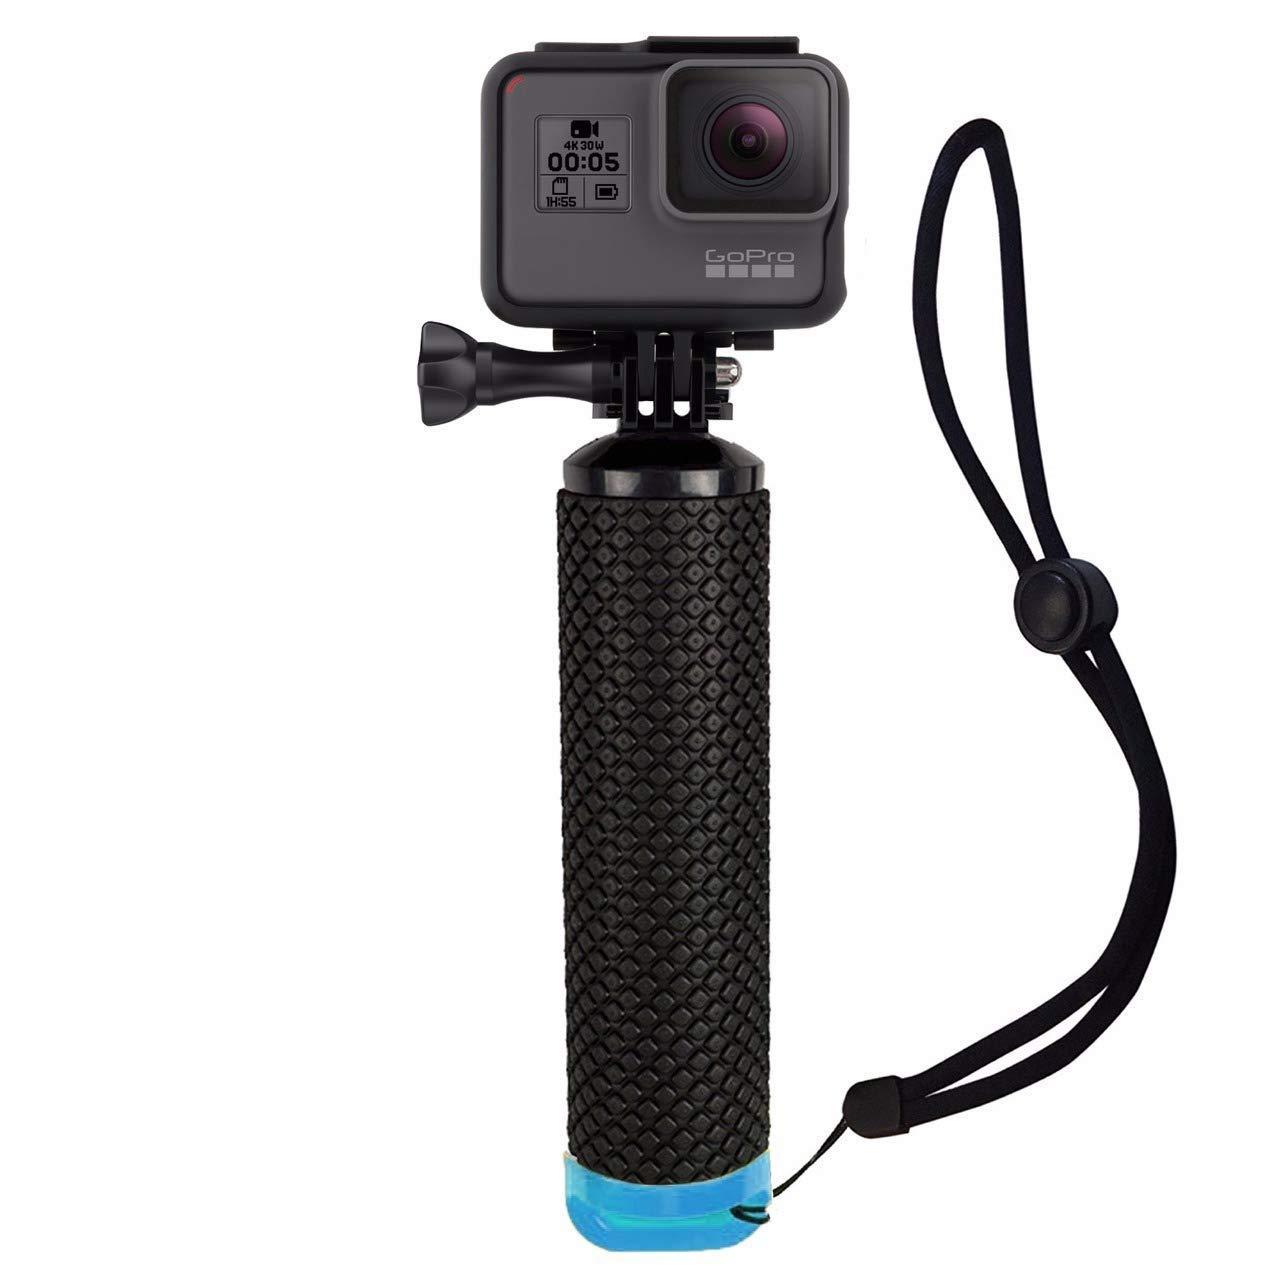 Houdian Empuñadura Flotante Boya Dispositivo Flotante para Todas Las cámaras GoPro Hero y cámaras de acción Accesorios para Deportes acuáticos - Azul: Amazon.es: Deportes y aire libre